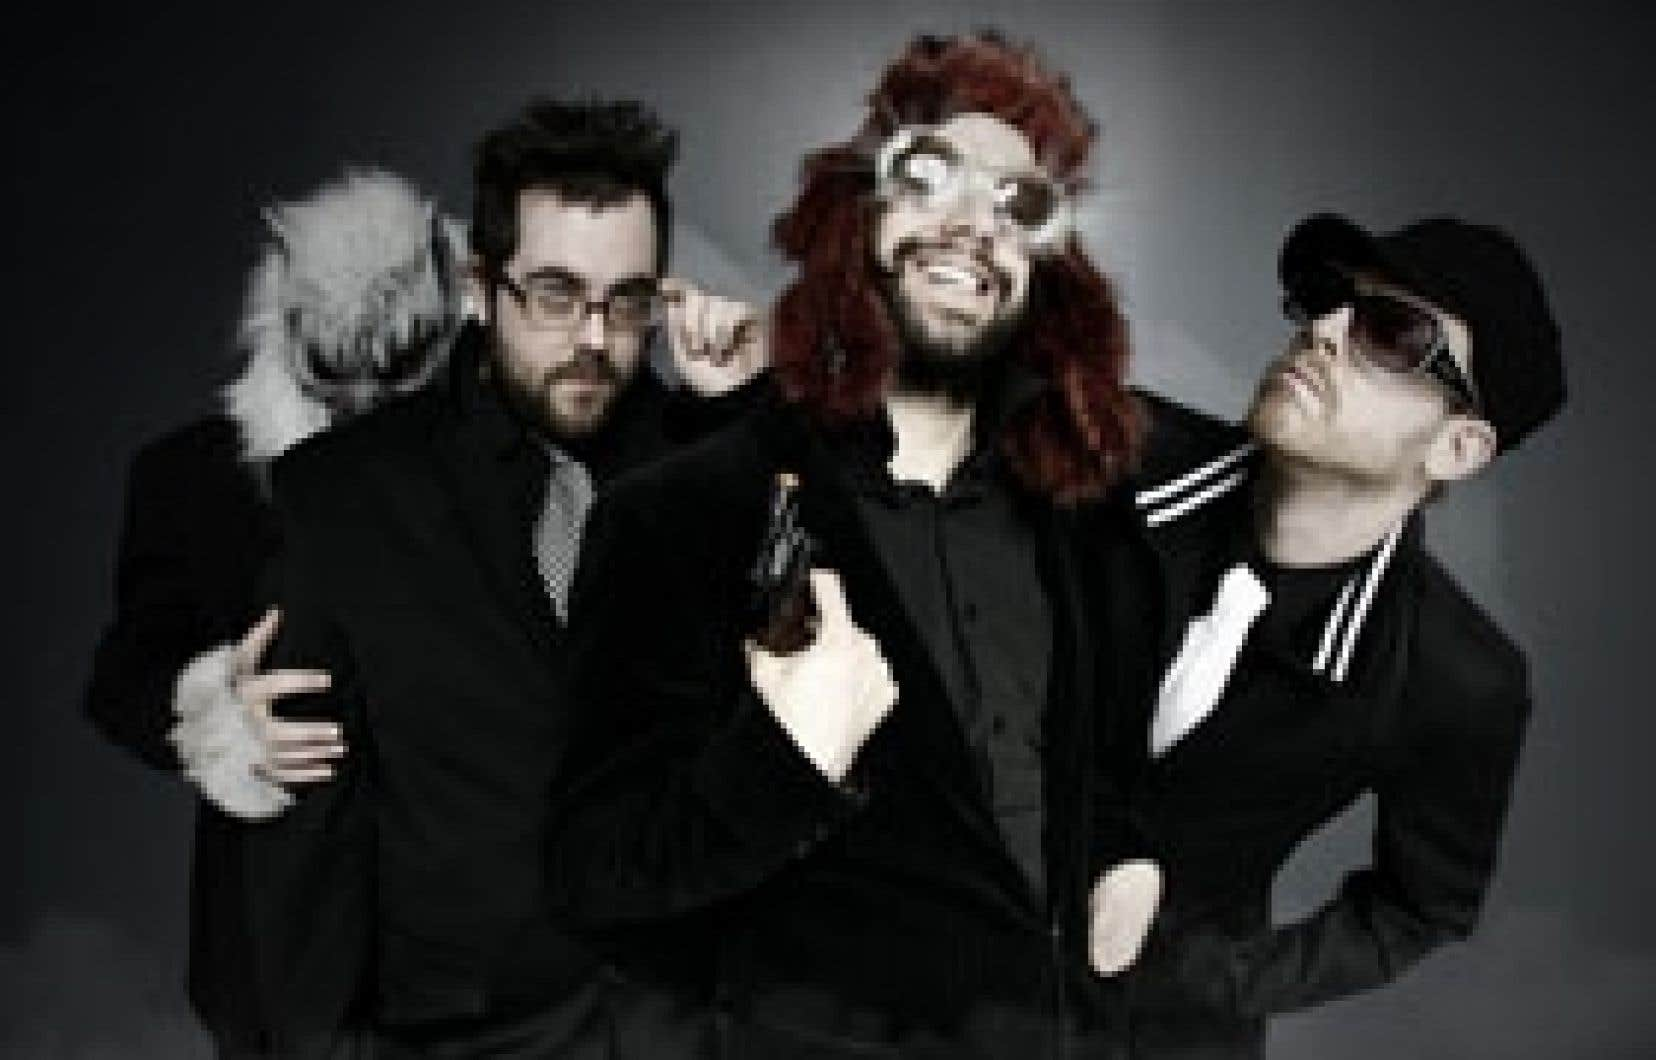 Ce soir, le quatuor Gatineau sera à Québec, au Cercle, puis demain à Montréal, au Cabaret du Musée Juste pour rire. Photo: C4